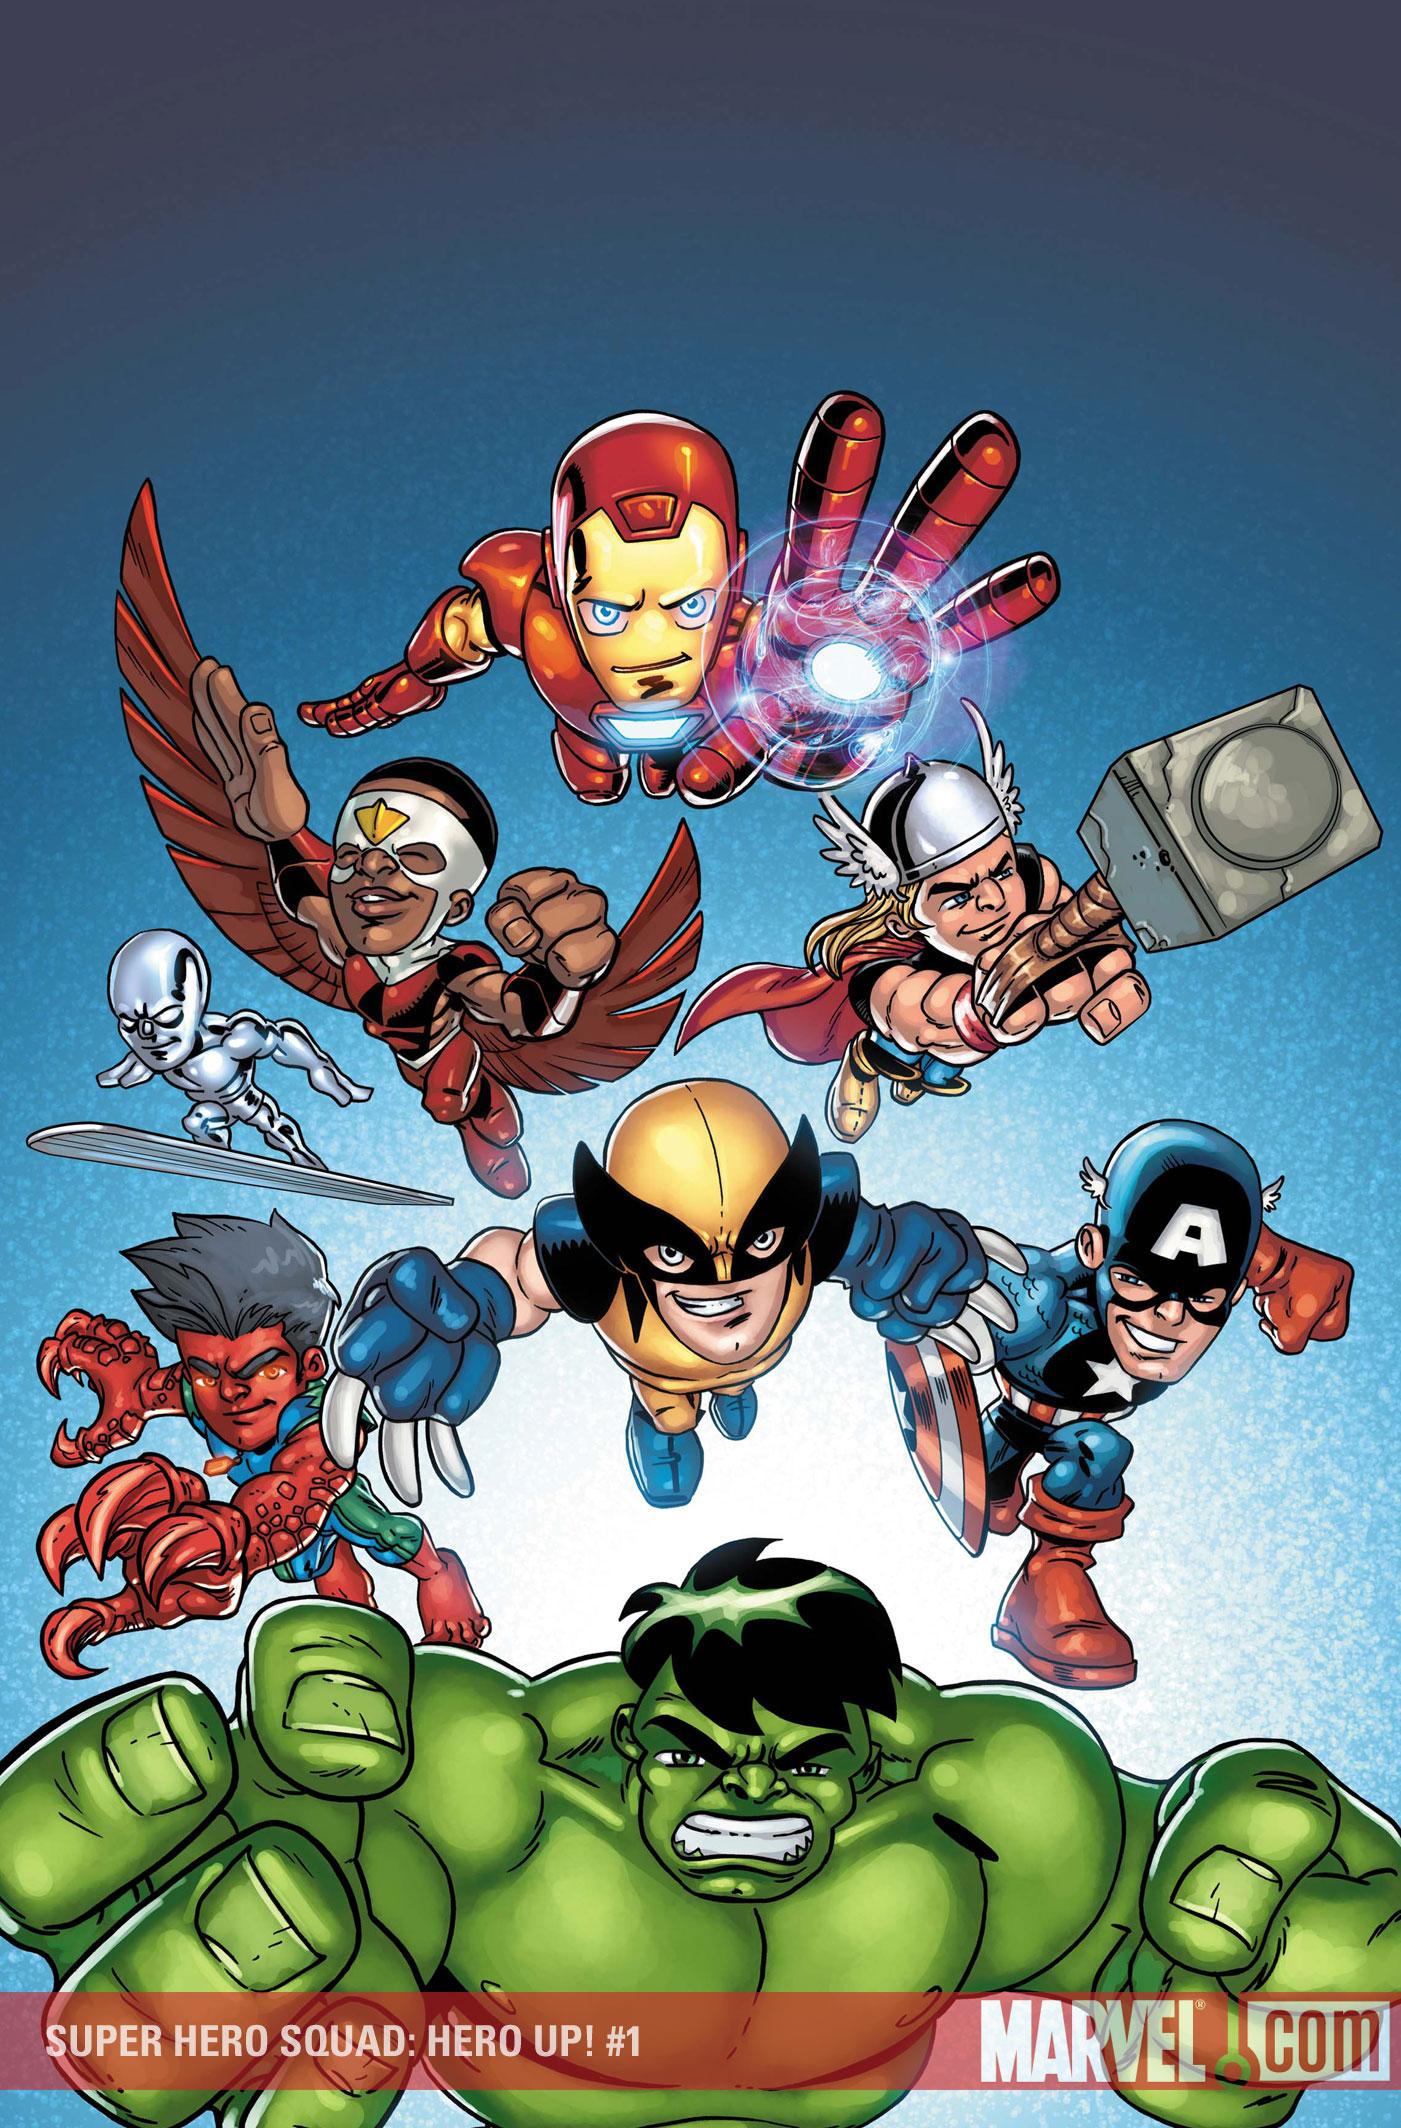 употребление этого картинки отряд супергероев все супергерои сочинский район